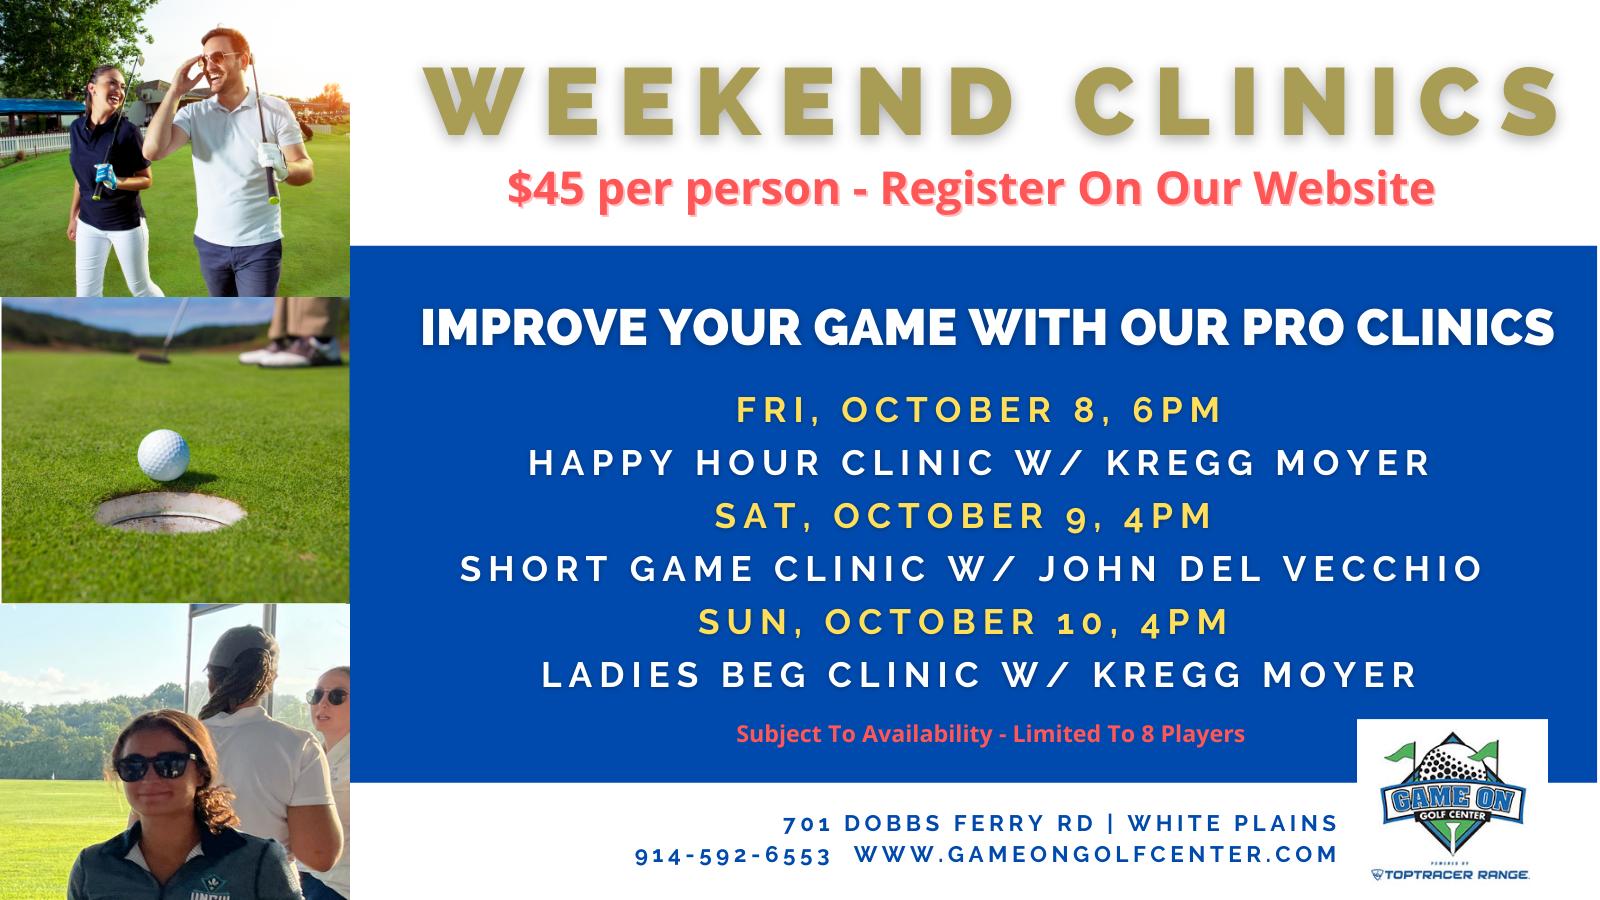 GOGC Adult Clinics OCT 8-10 TW